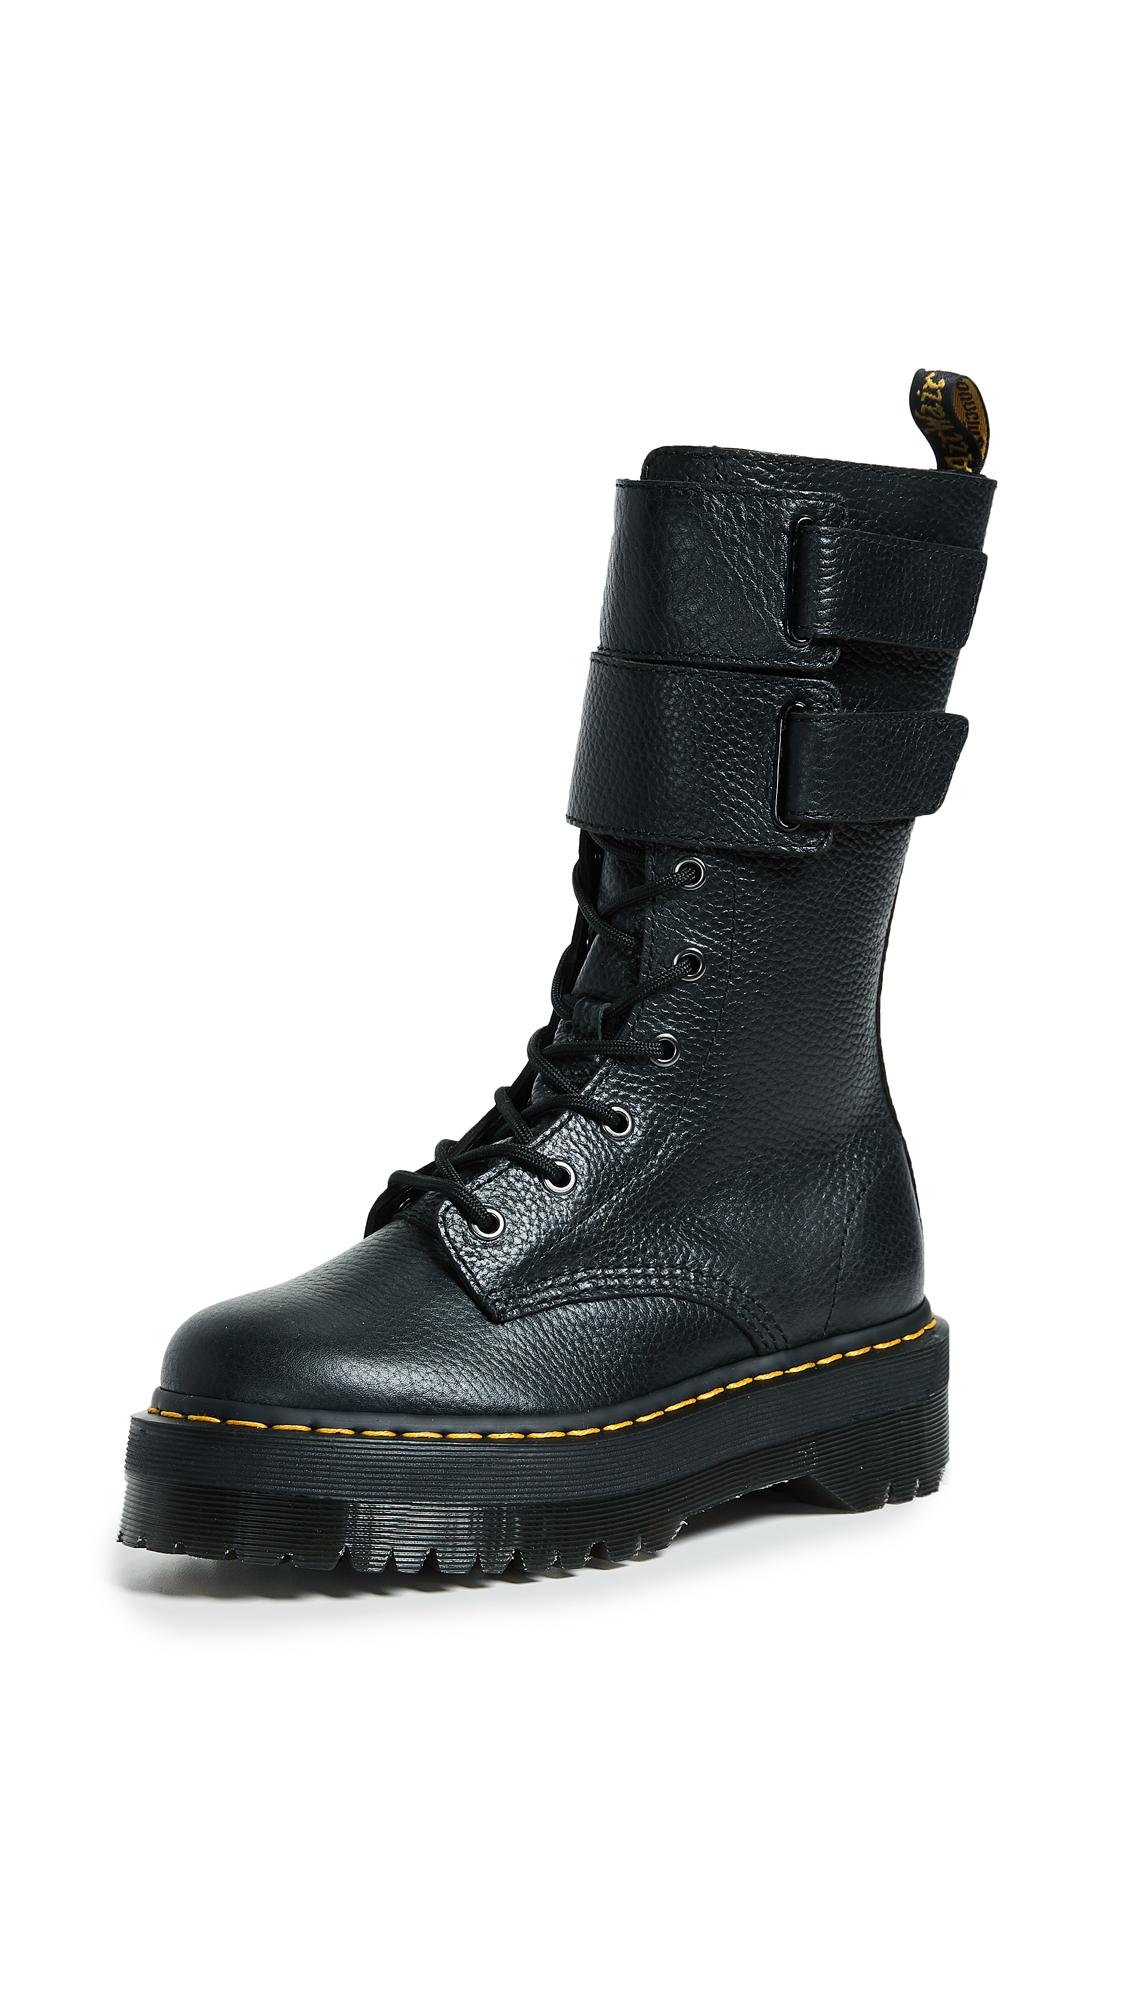 Dr. Martens Jagger 10 Eye Boots - Black